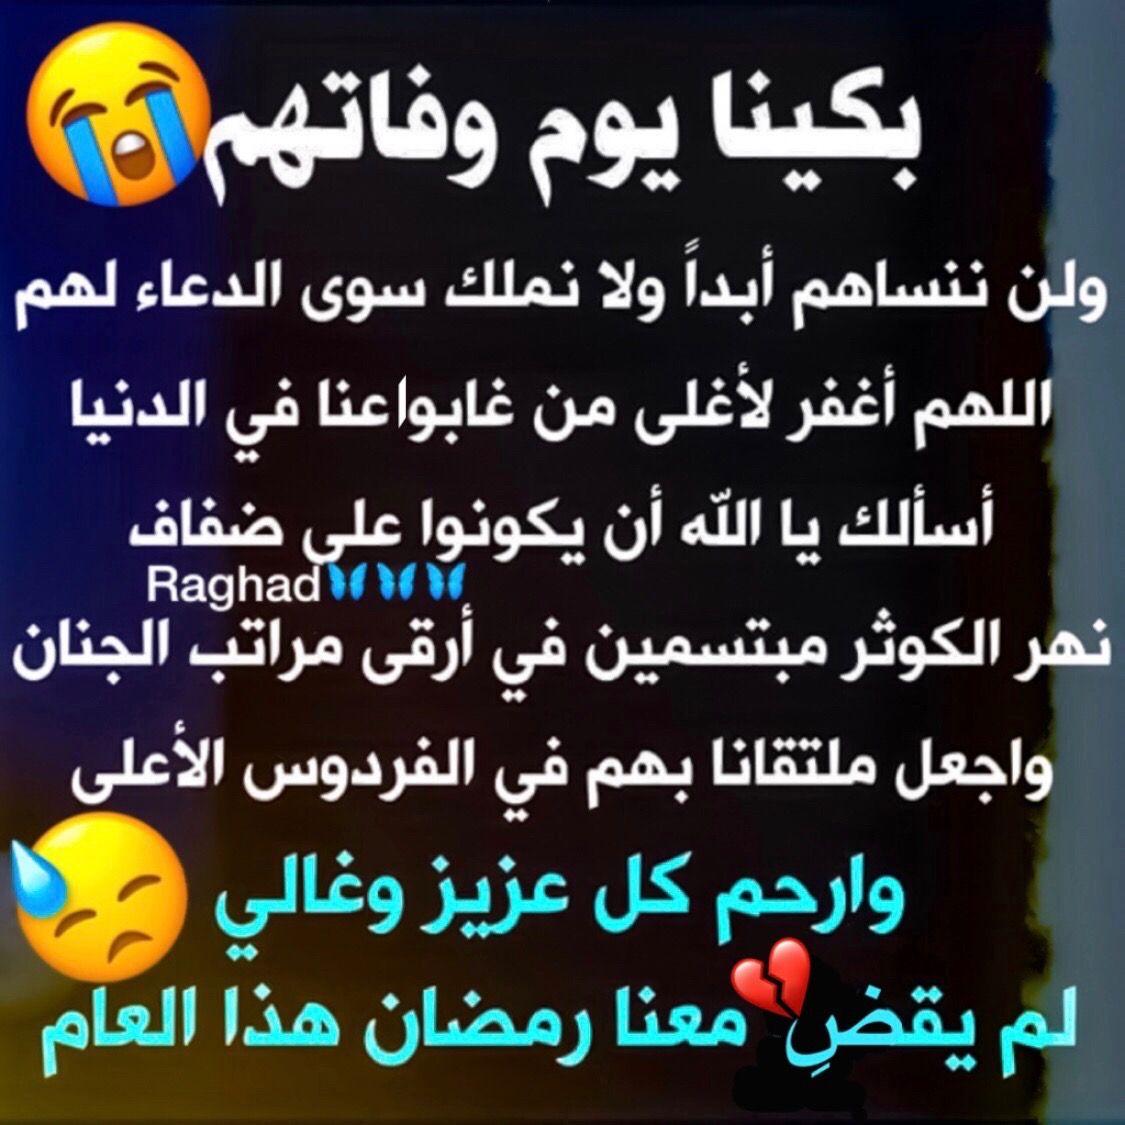 Desertrose اللهم ارحم أبي وأمي واغفر لهما وارزقهما الفردوس الأعلى من الجنة بلا حساب ولا سابق عذاب Ramadan Kareem Ramadan Kareem